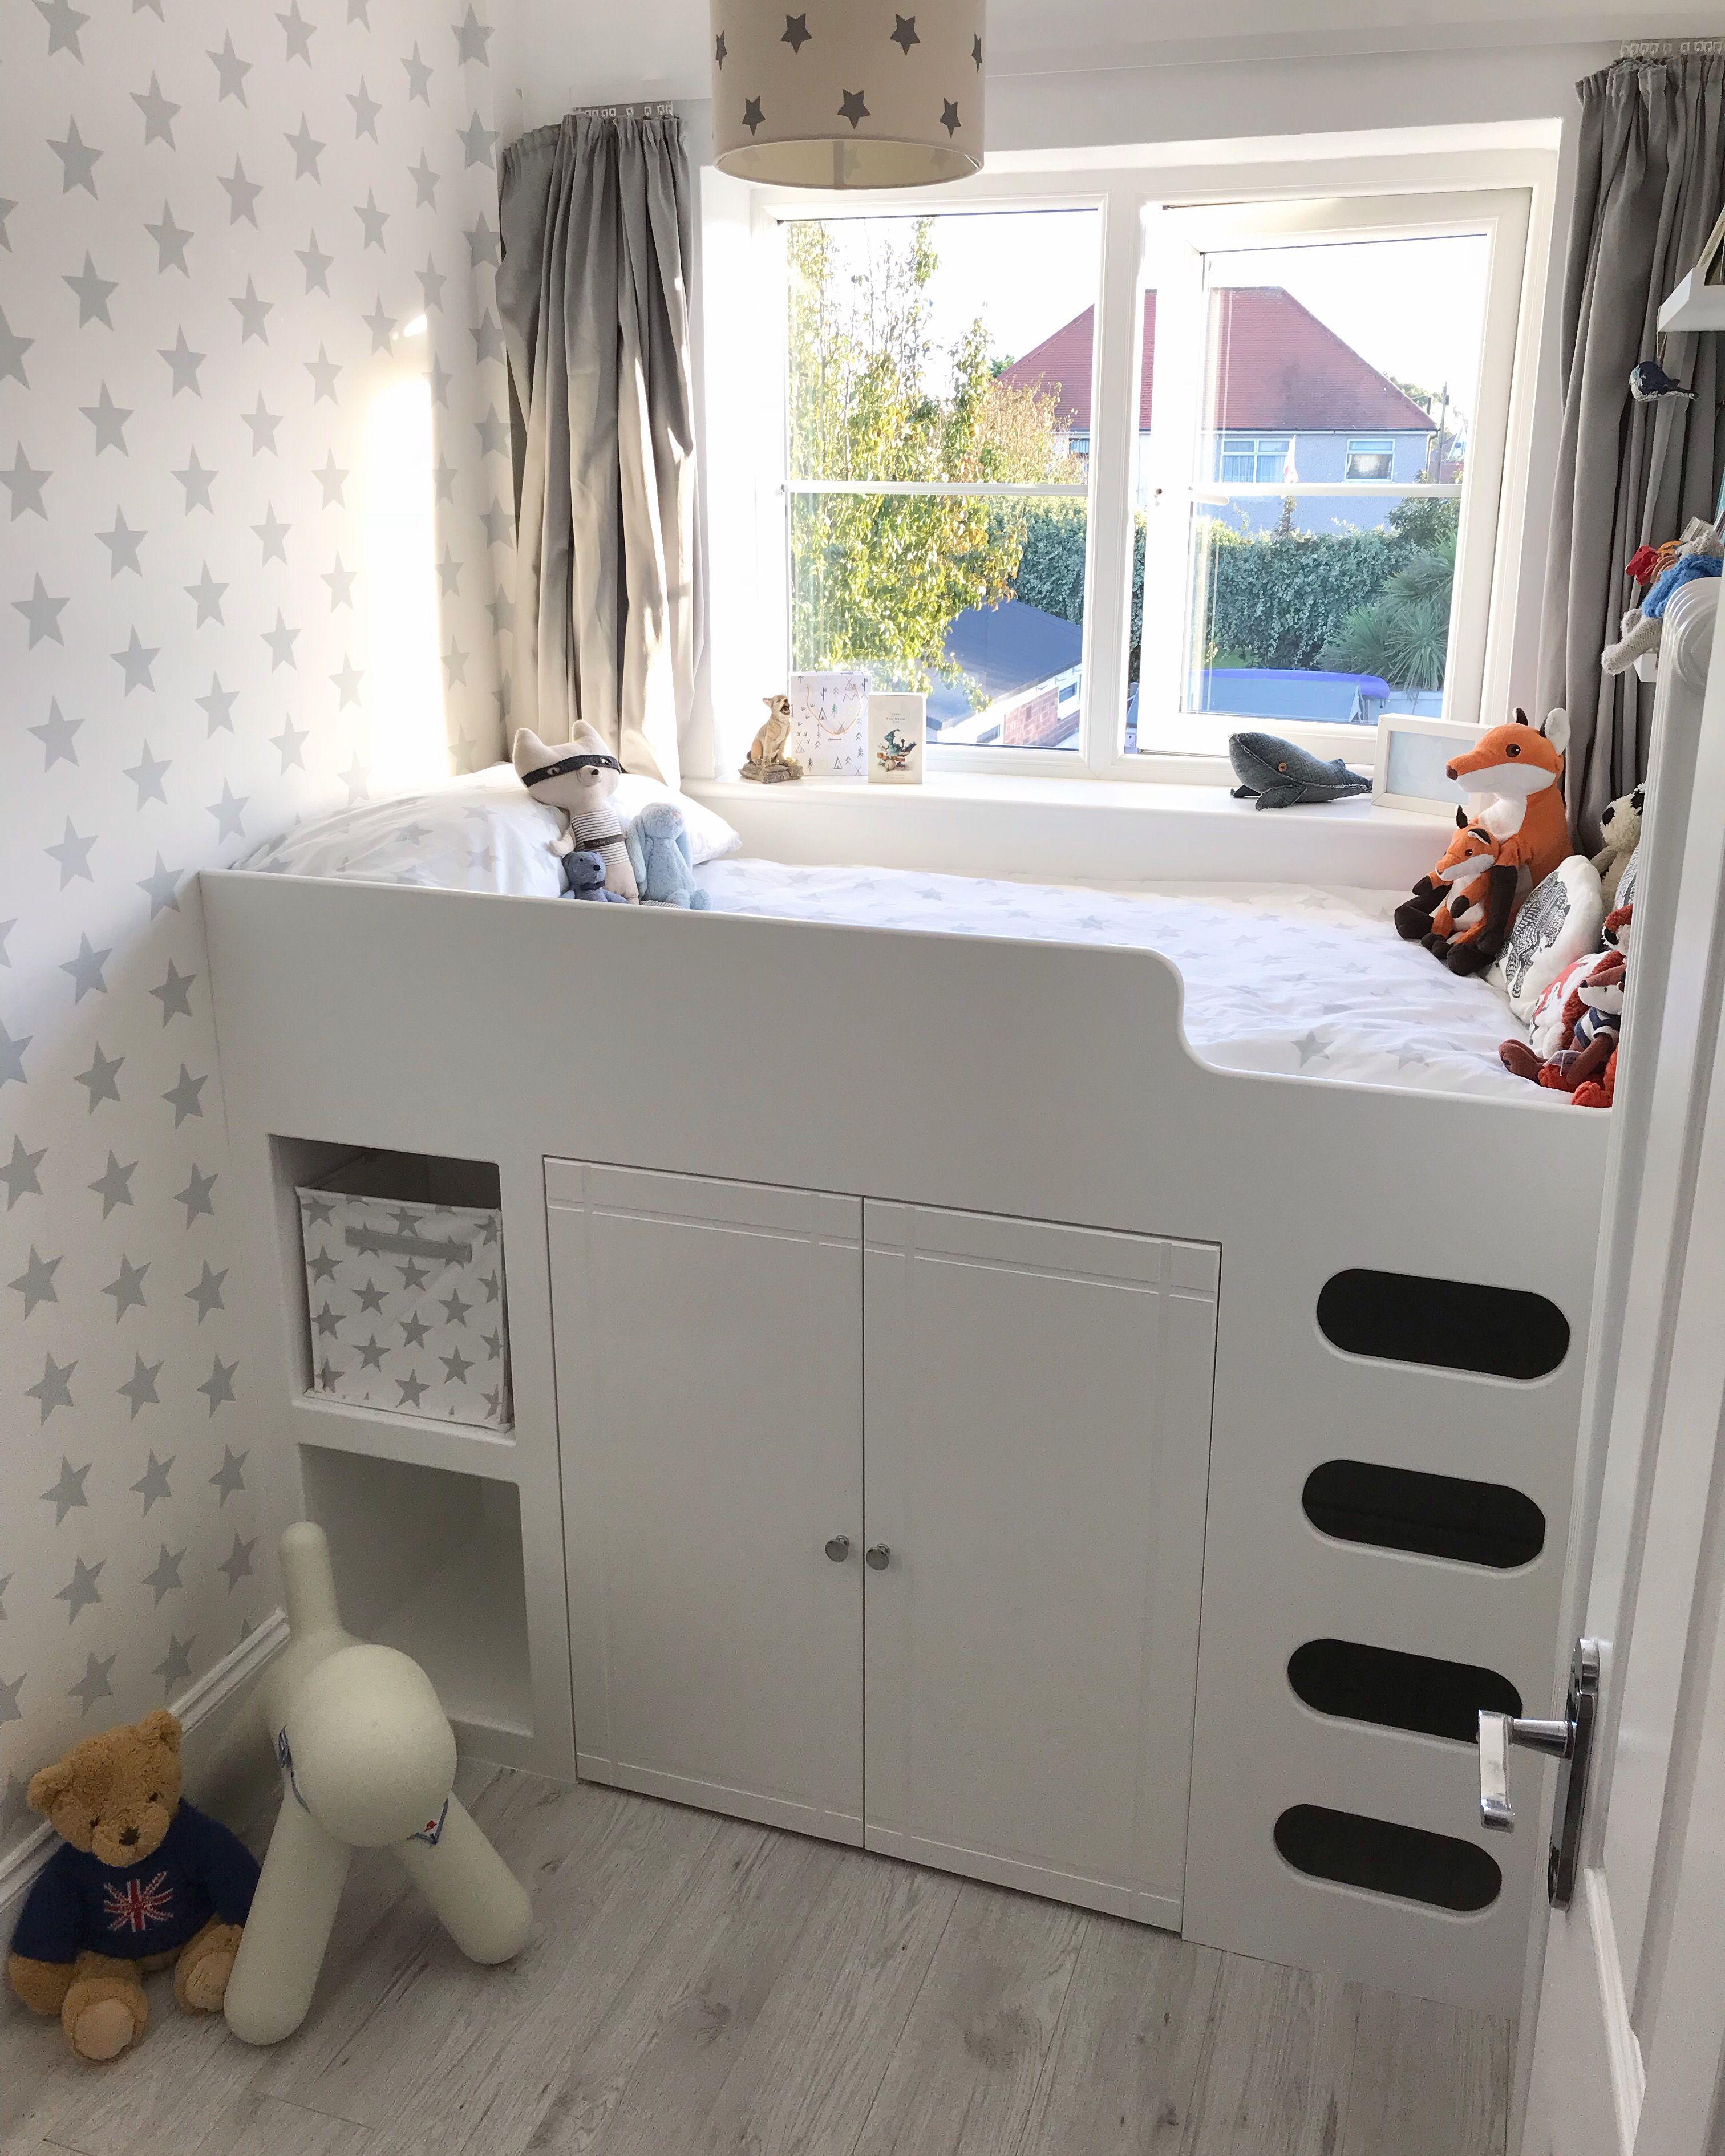 Tates Finished Room Box Room Bedroom Ideas Box Room Bedroom